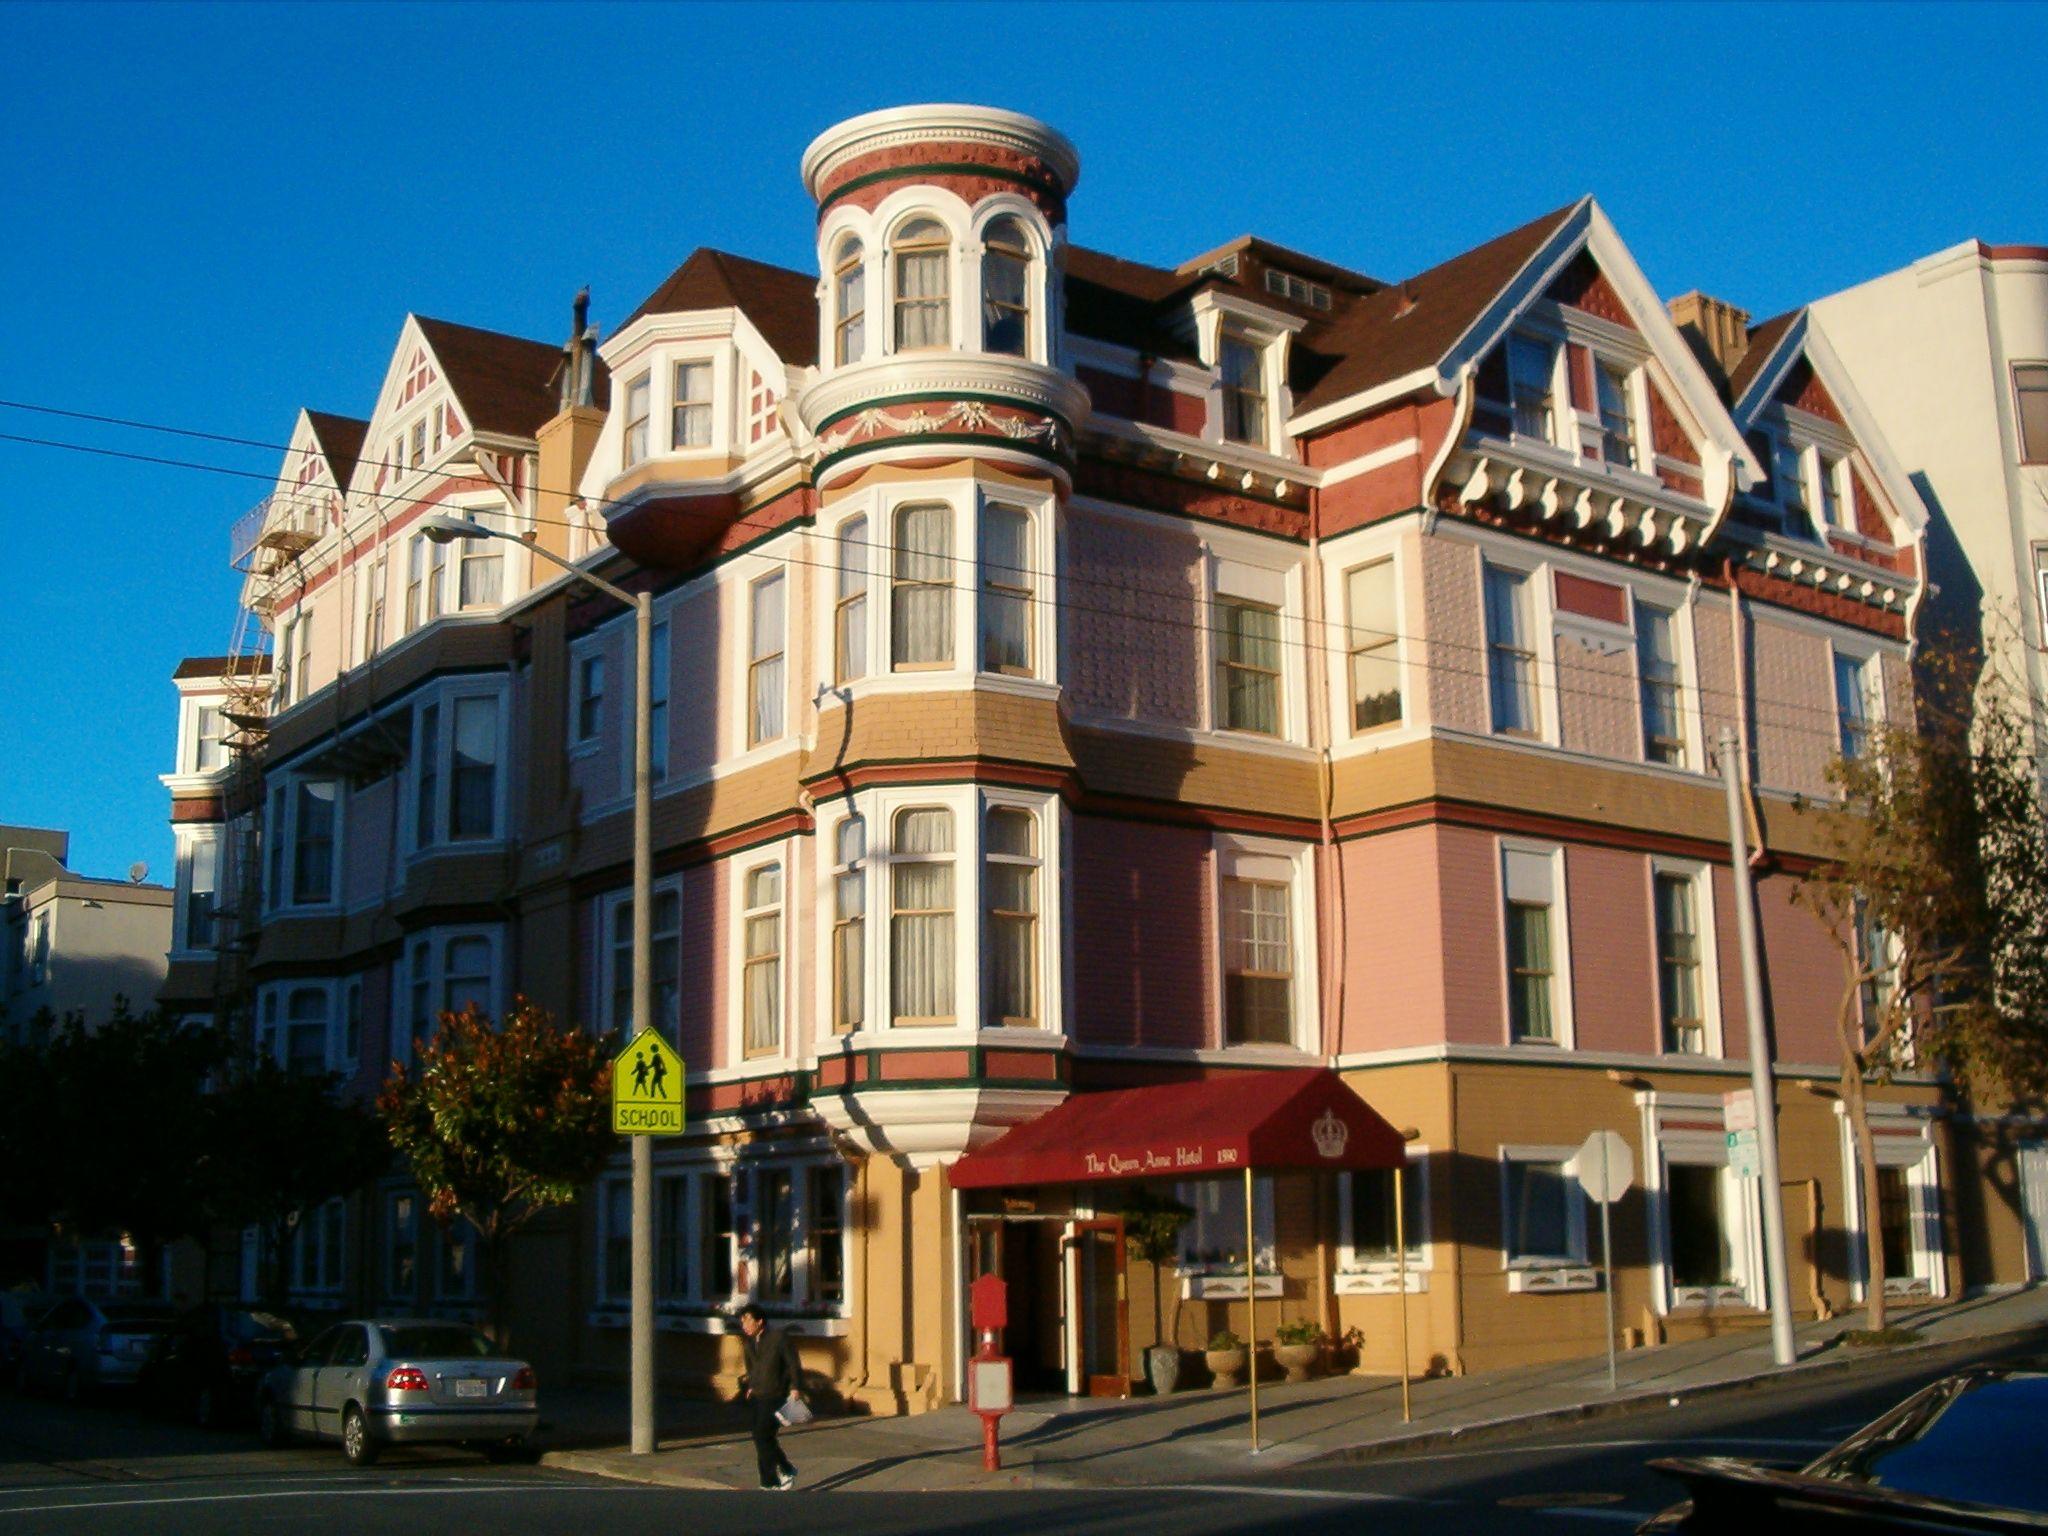 Sutter Street San Francisco 1590